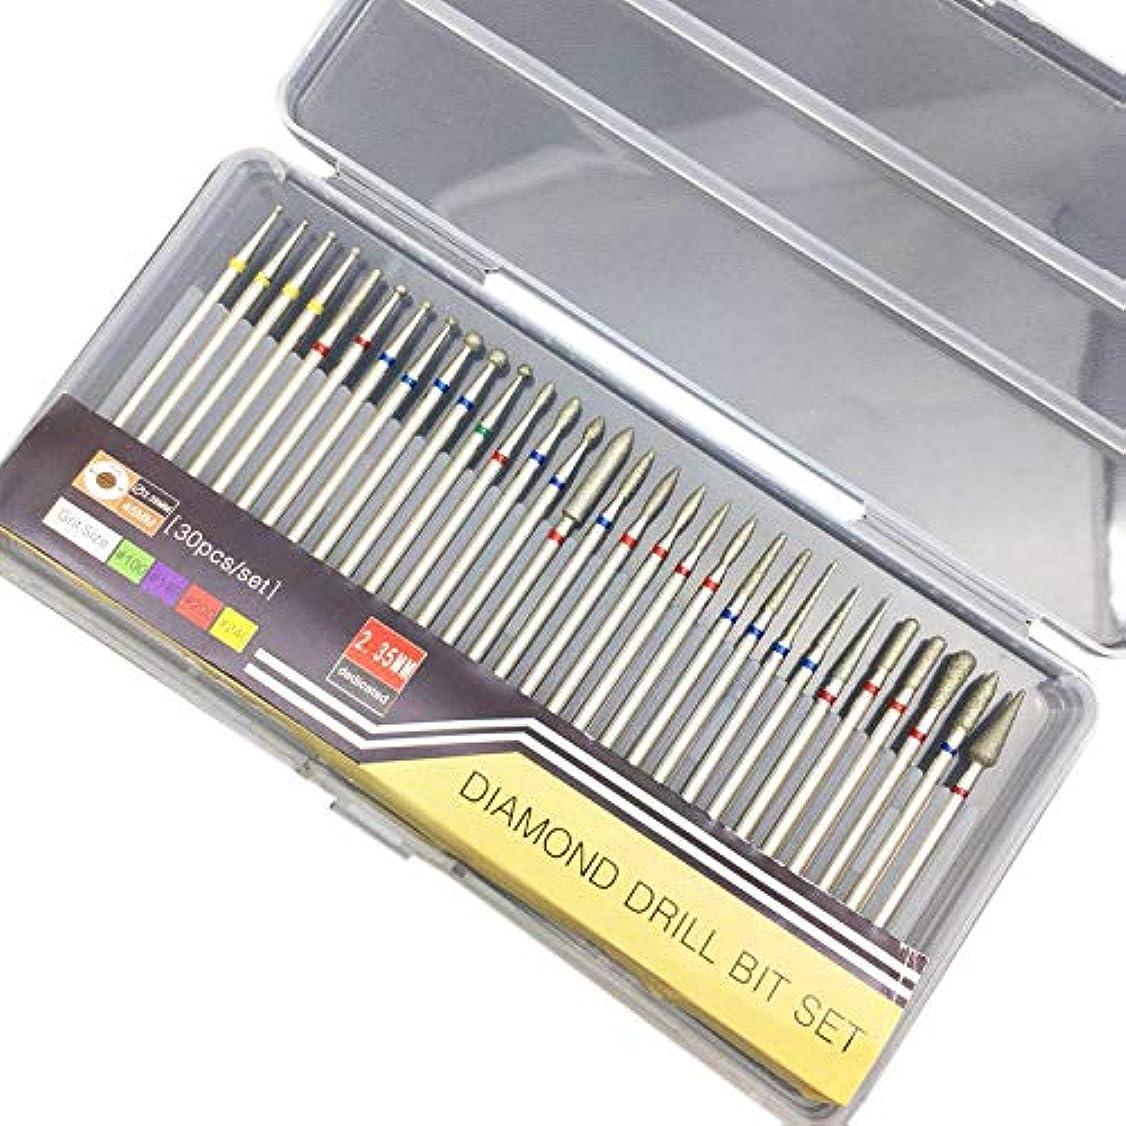 最大化するペン発症Nrpfell 30個 電動マニキュア機用 アクセサリーセクションダイヤモンドネイルドリルビットセットフライスカッターロータリーバリカッタークリーンファイルA